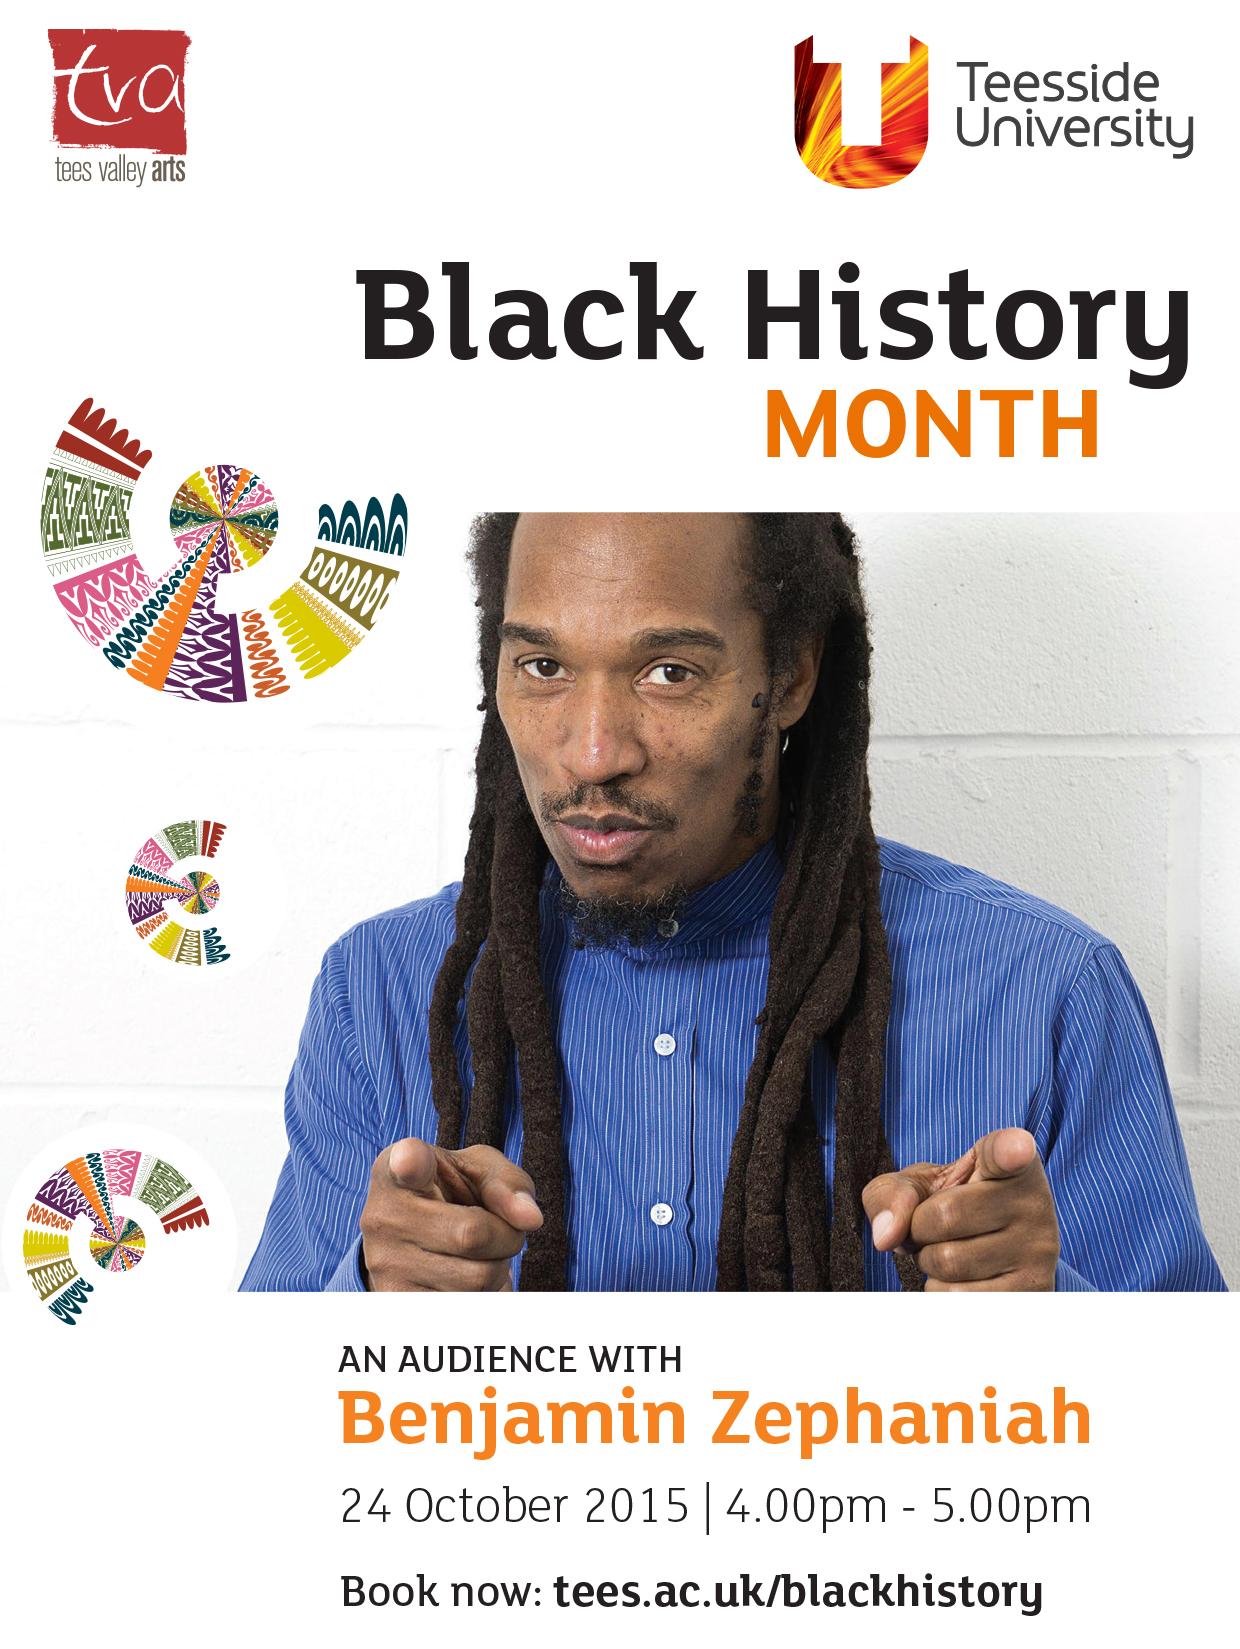 An Audience With Benjamin Zephaniah